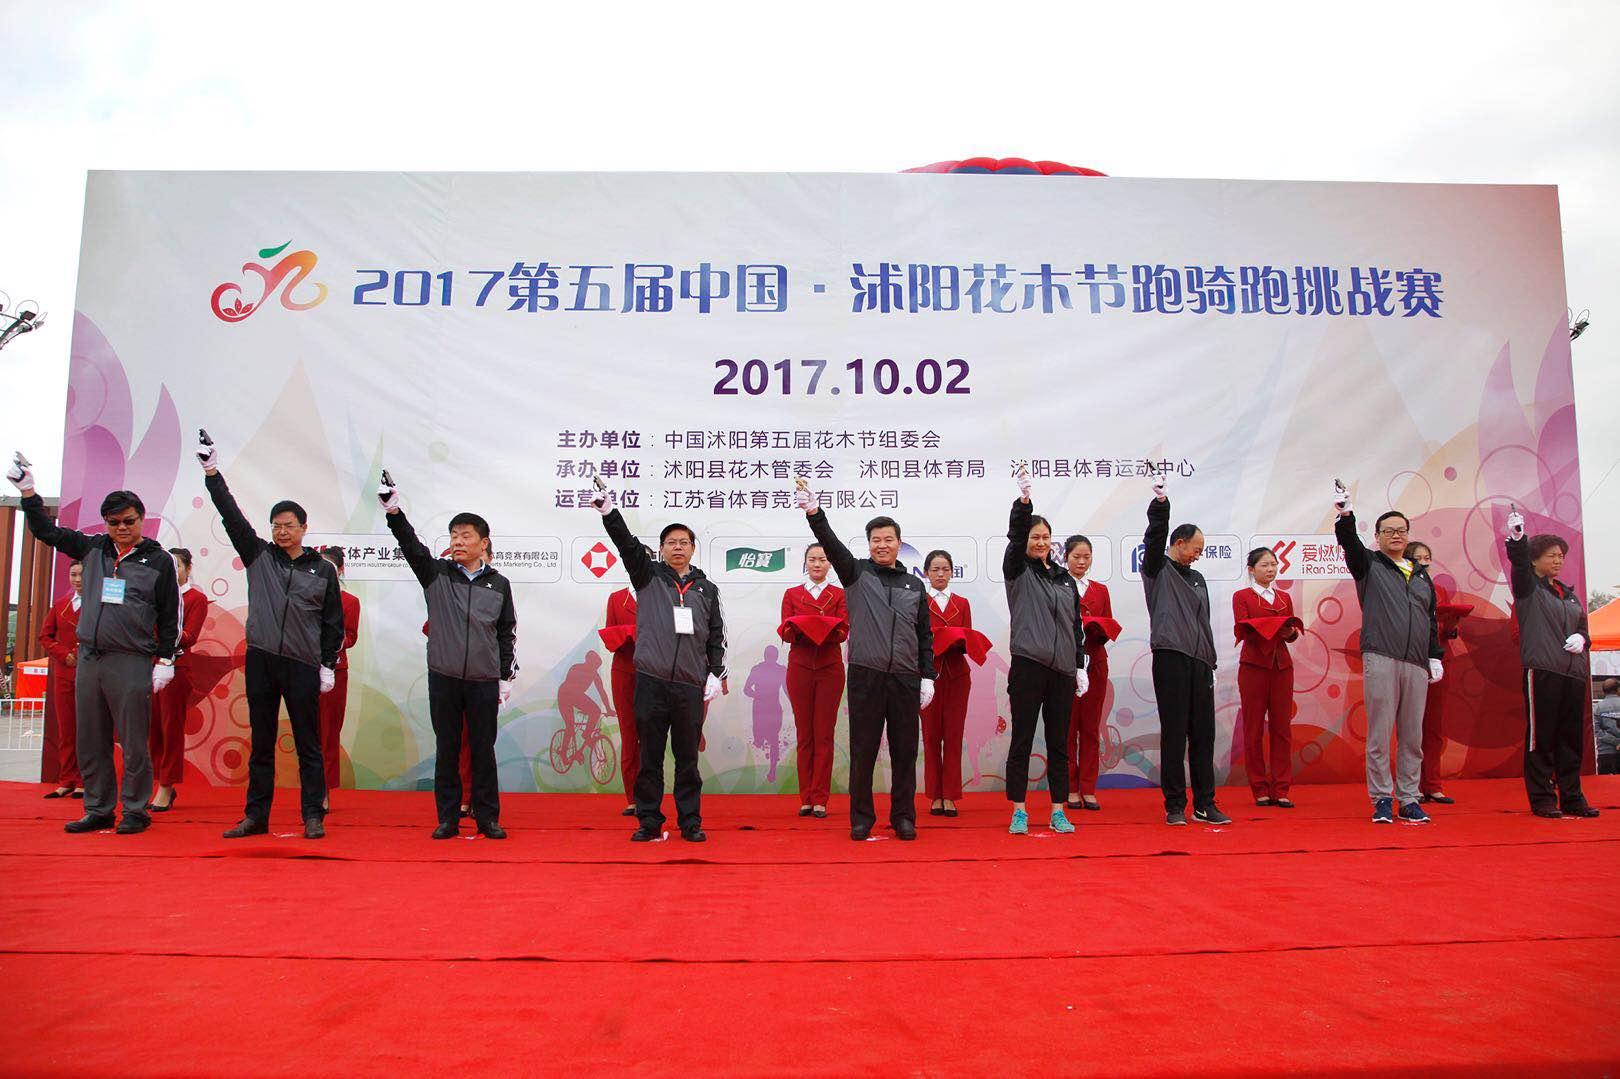 2017沭阳花木节跑骑跑挑战赛黄金周热力开赛